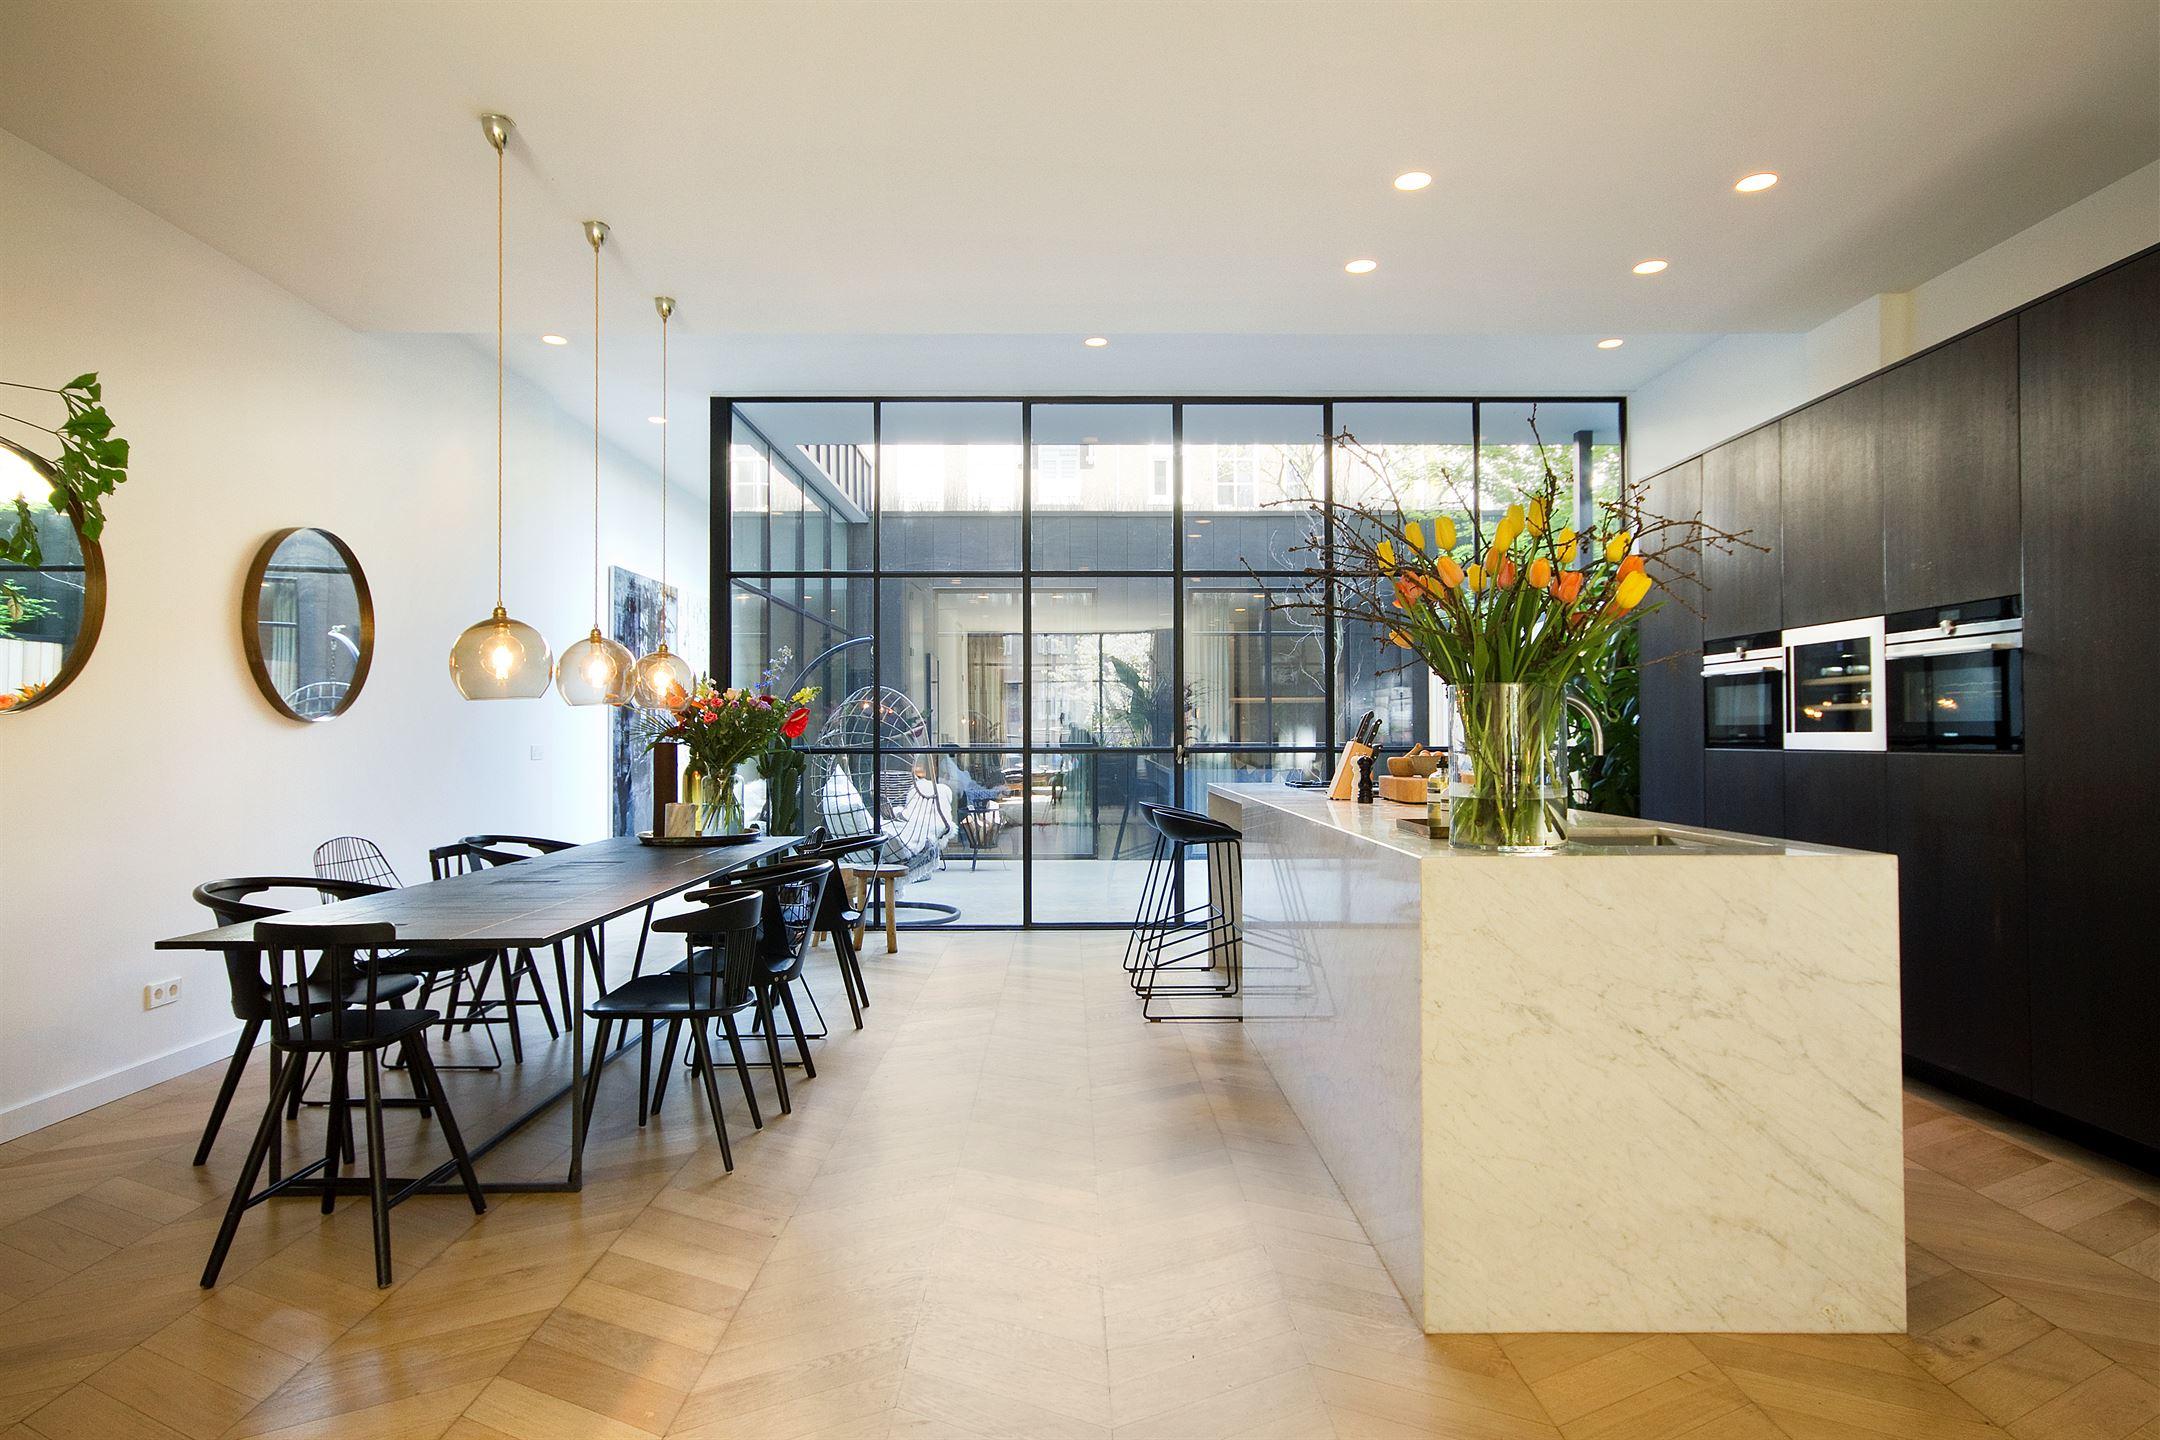 Appartement te koop: Overtoom 186 HS 1054 HR Amsterdam [funda]